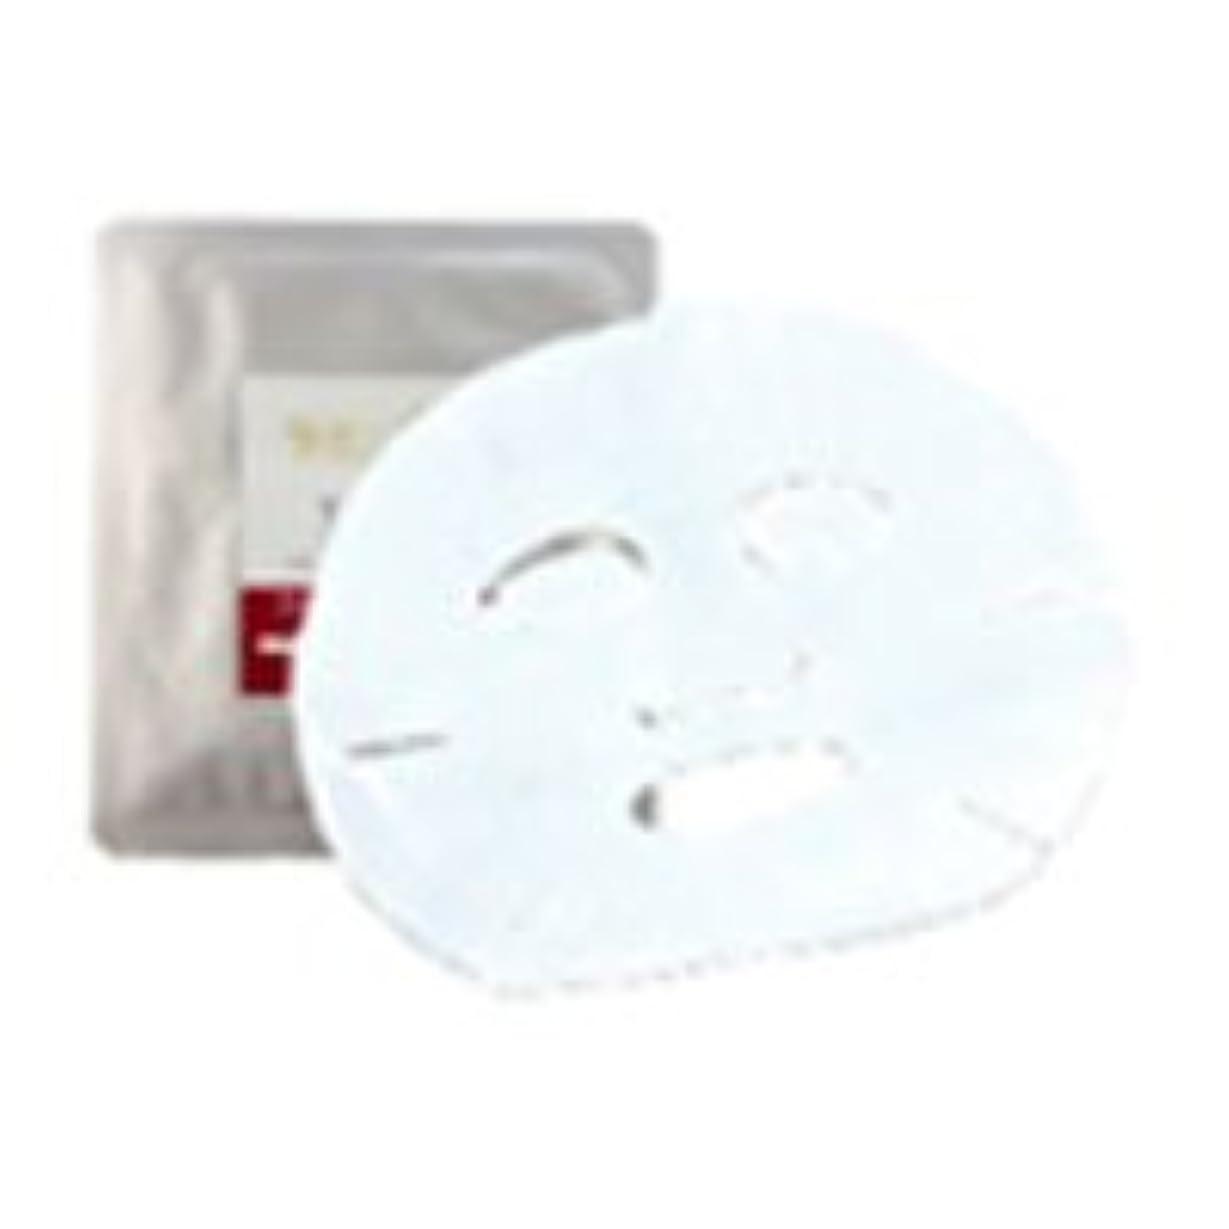 うるさいタンパク質トランクLa Sincia ラシンシア レッドデュア ホワイツエクス シートマスク 1シート×5包